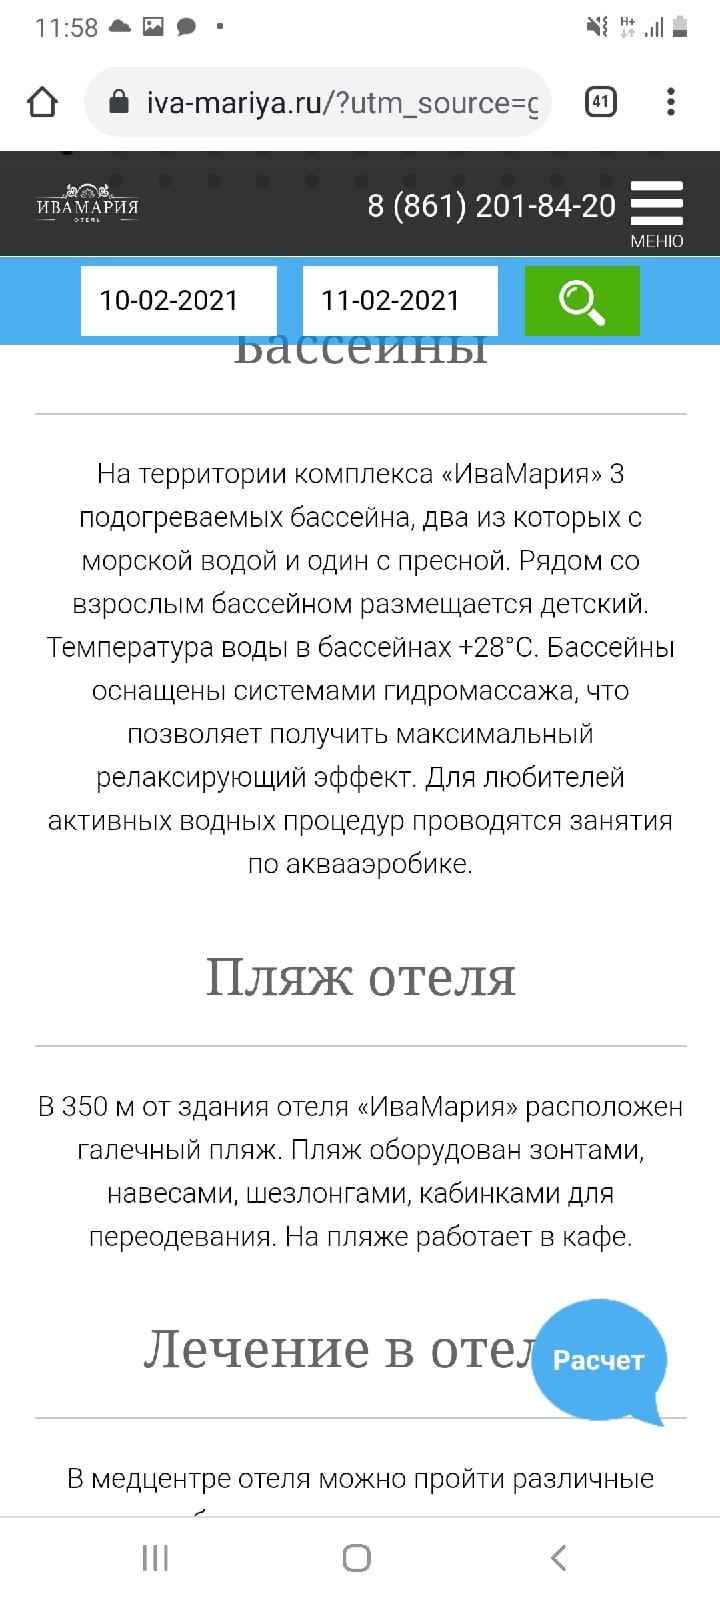 Здравствуйте, хотим этим летом семьёй отдохнуть в Крыму, приоритет-Алушта, подскажите, может кто отдыхал в таком месте, хочется, чтоб номер был двухкомнатный или этаж/дом под ключ.